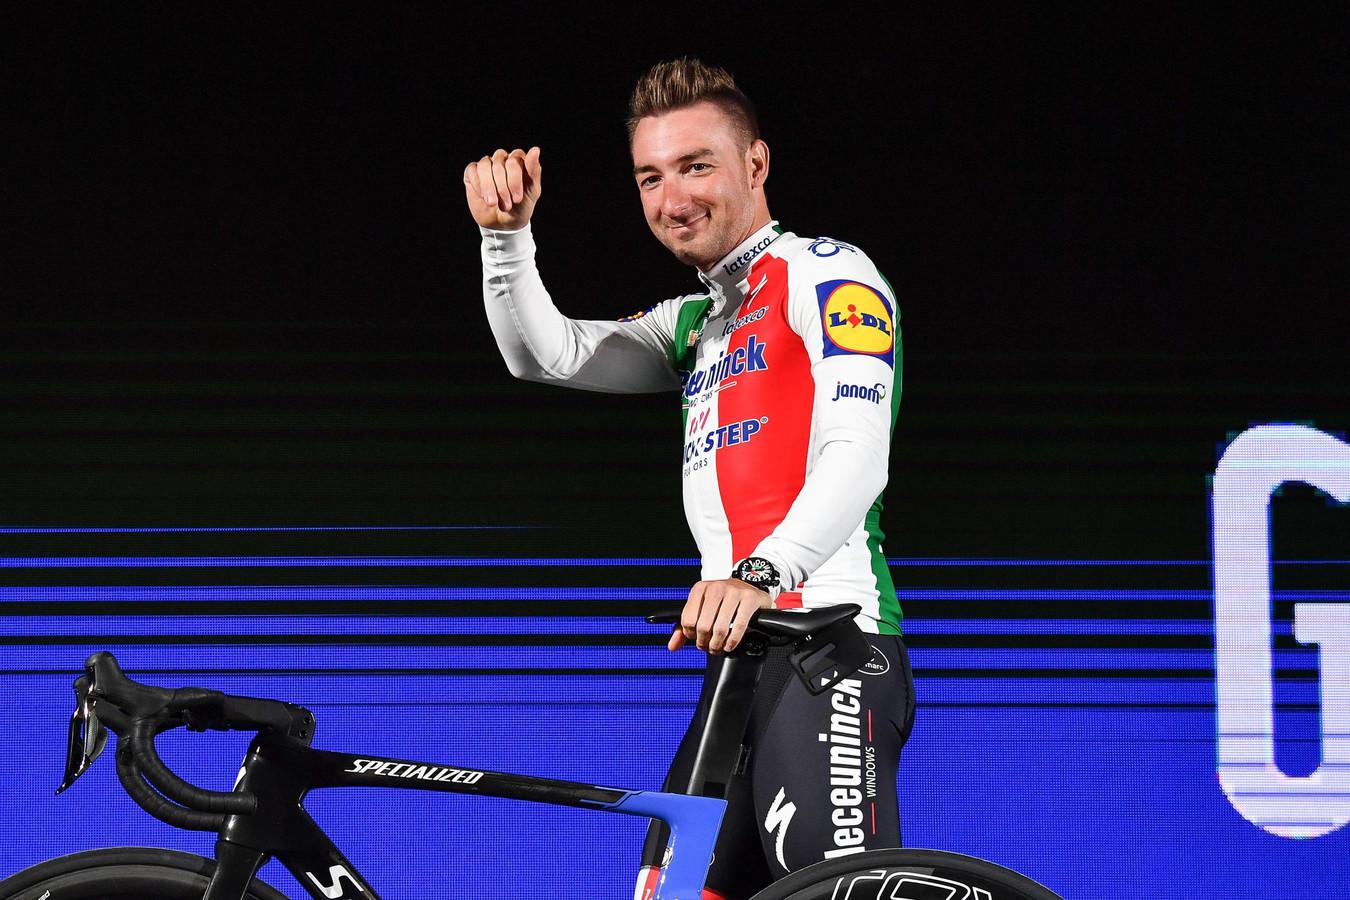 Elia Viviani, deuxième, va devoir patienter pour célébrer sa première vicoire sur ce Giro 2019.